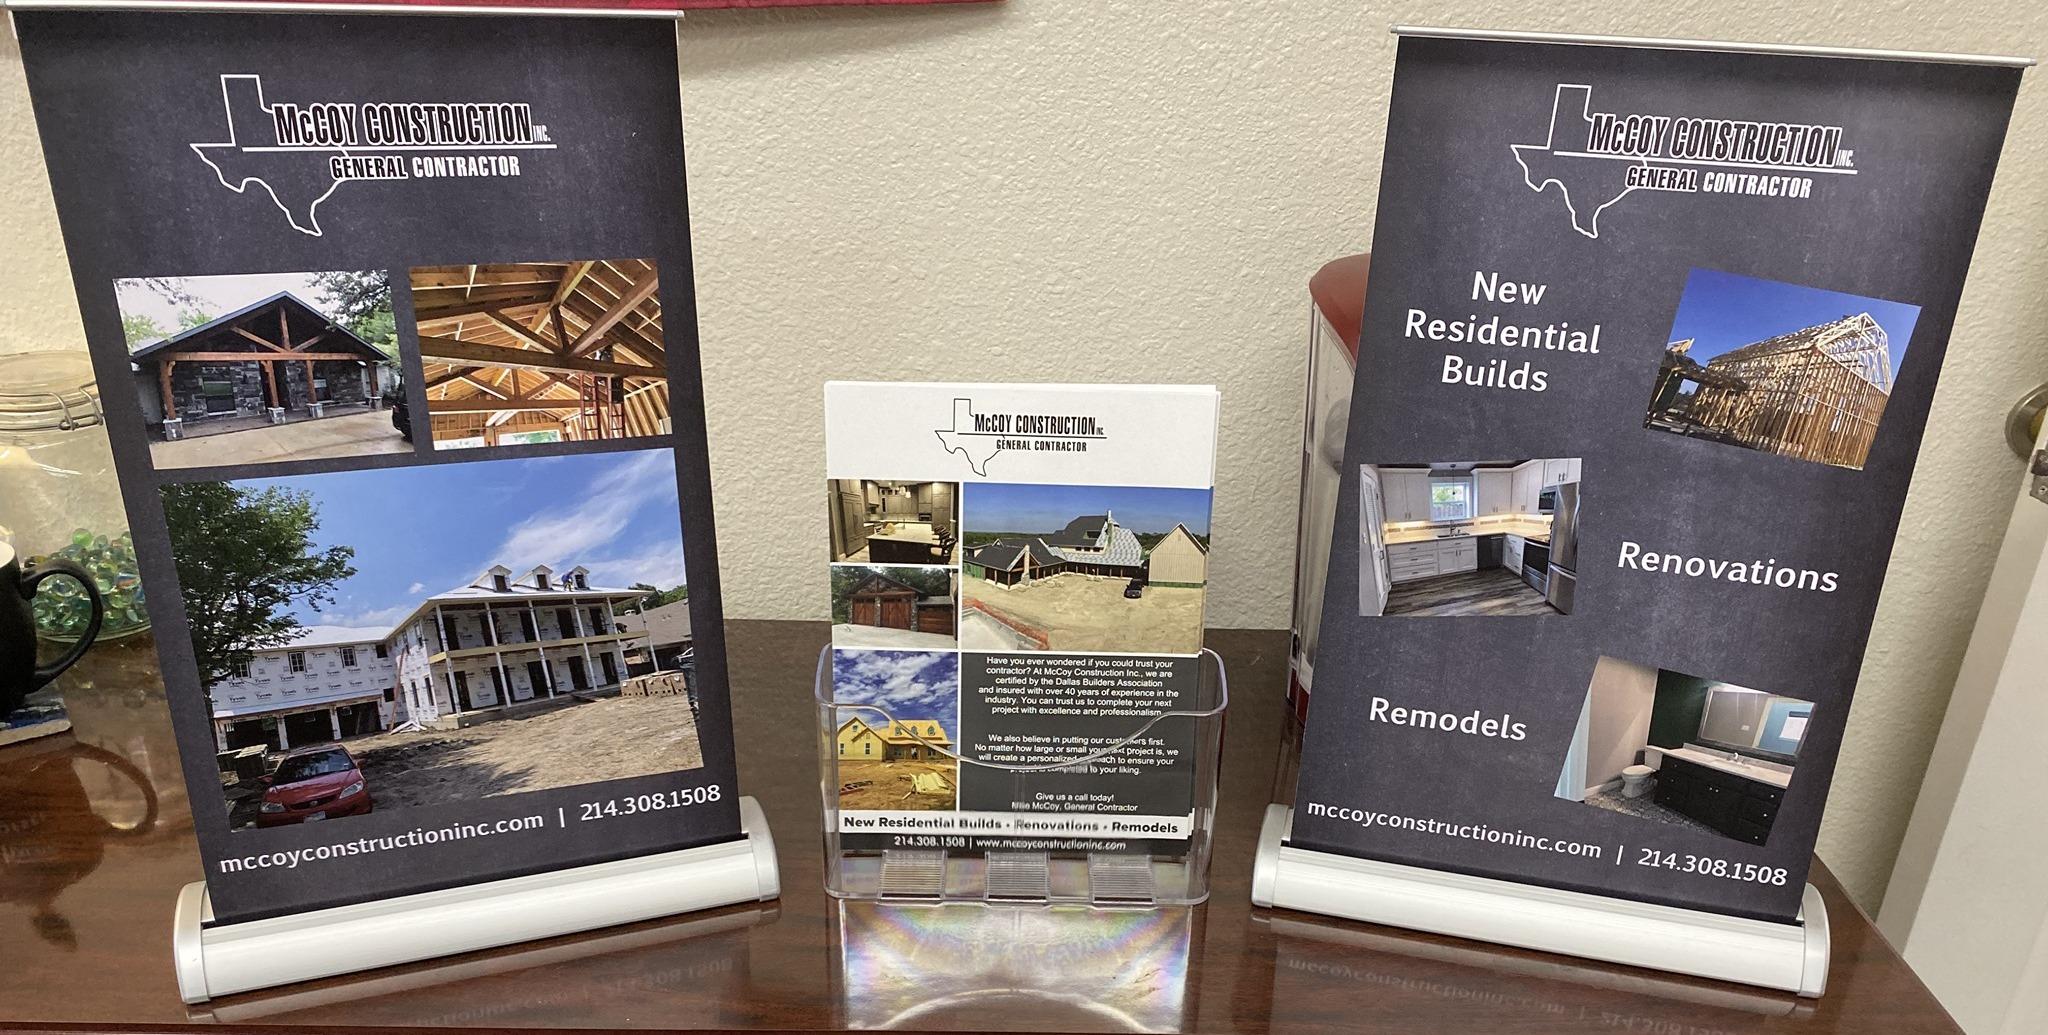 McCoy Construction Inc. Print Materials